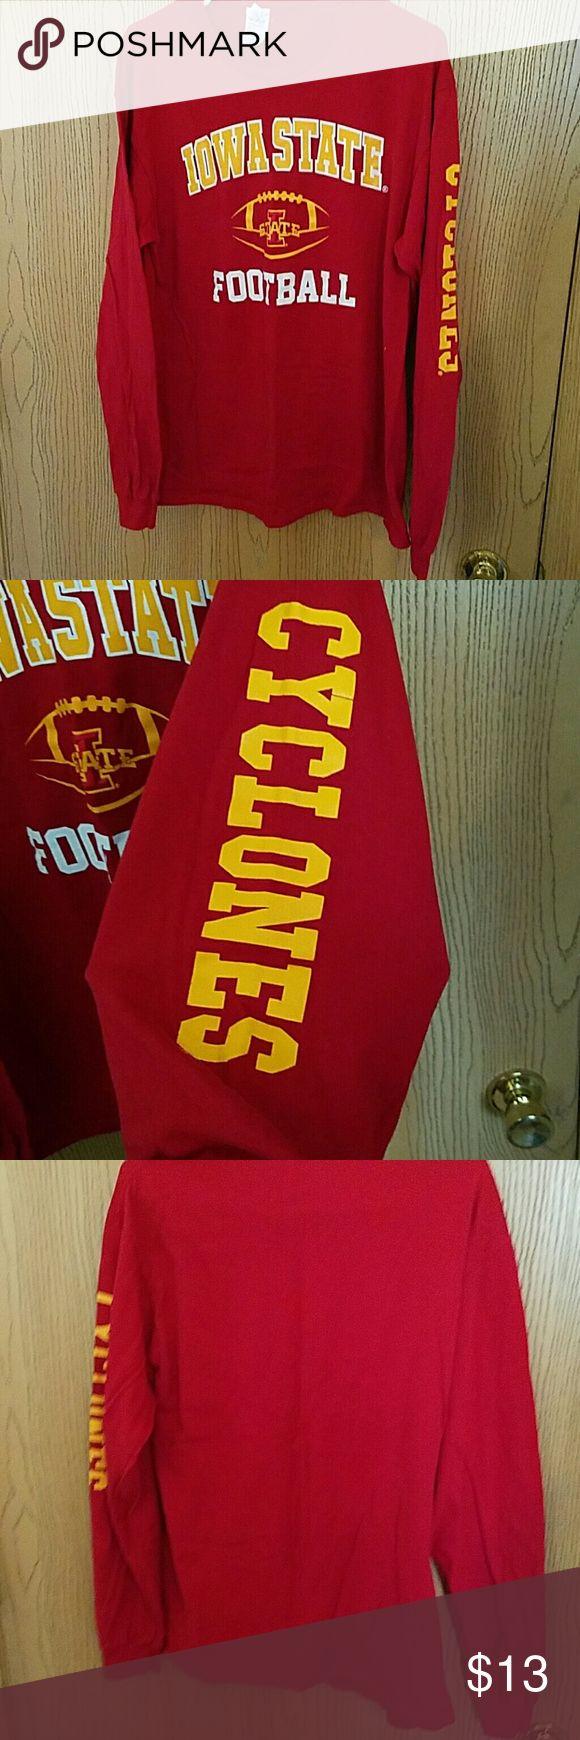 ISU tee Long sleeved ISU Football tee. Shirts Tees - Long Sleeve